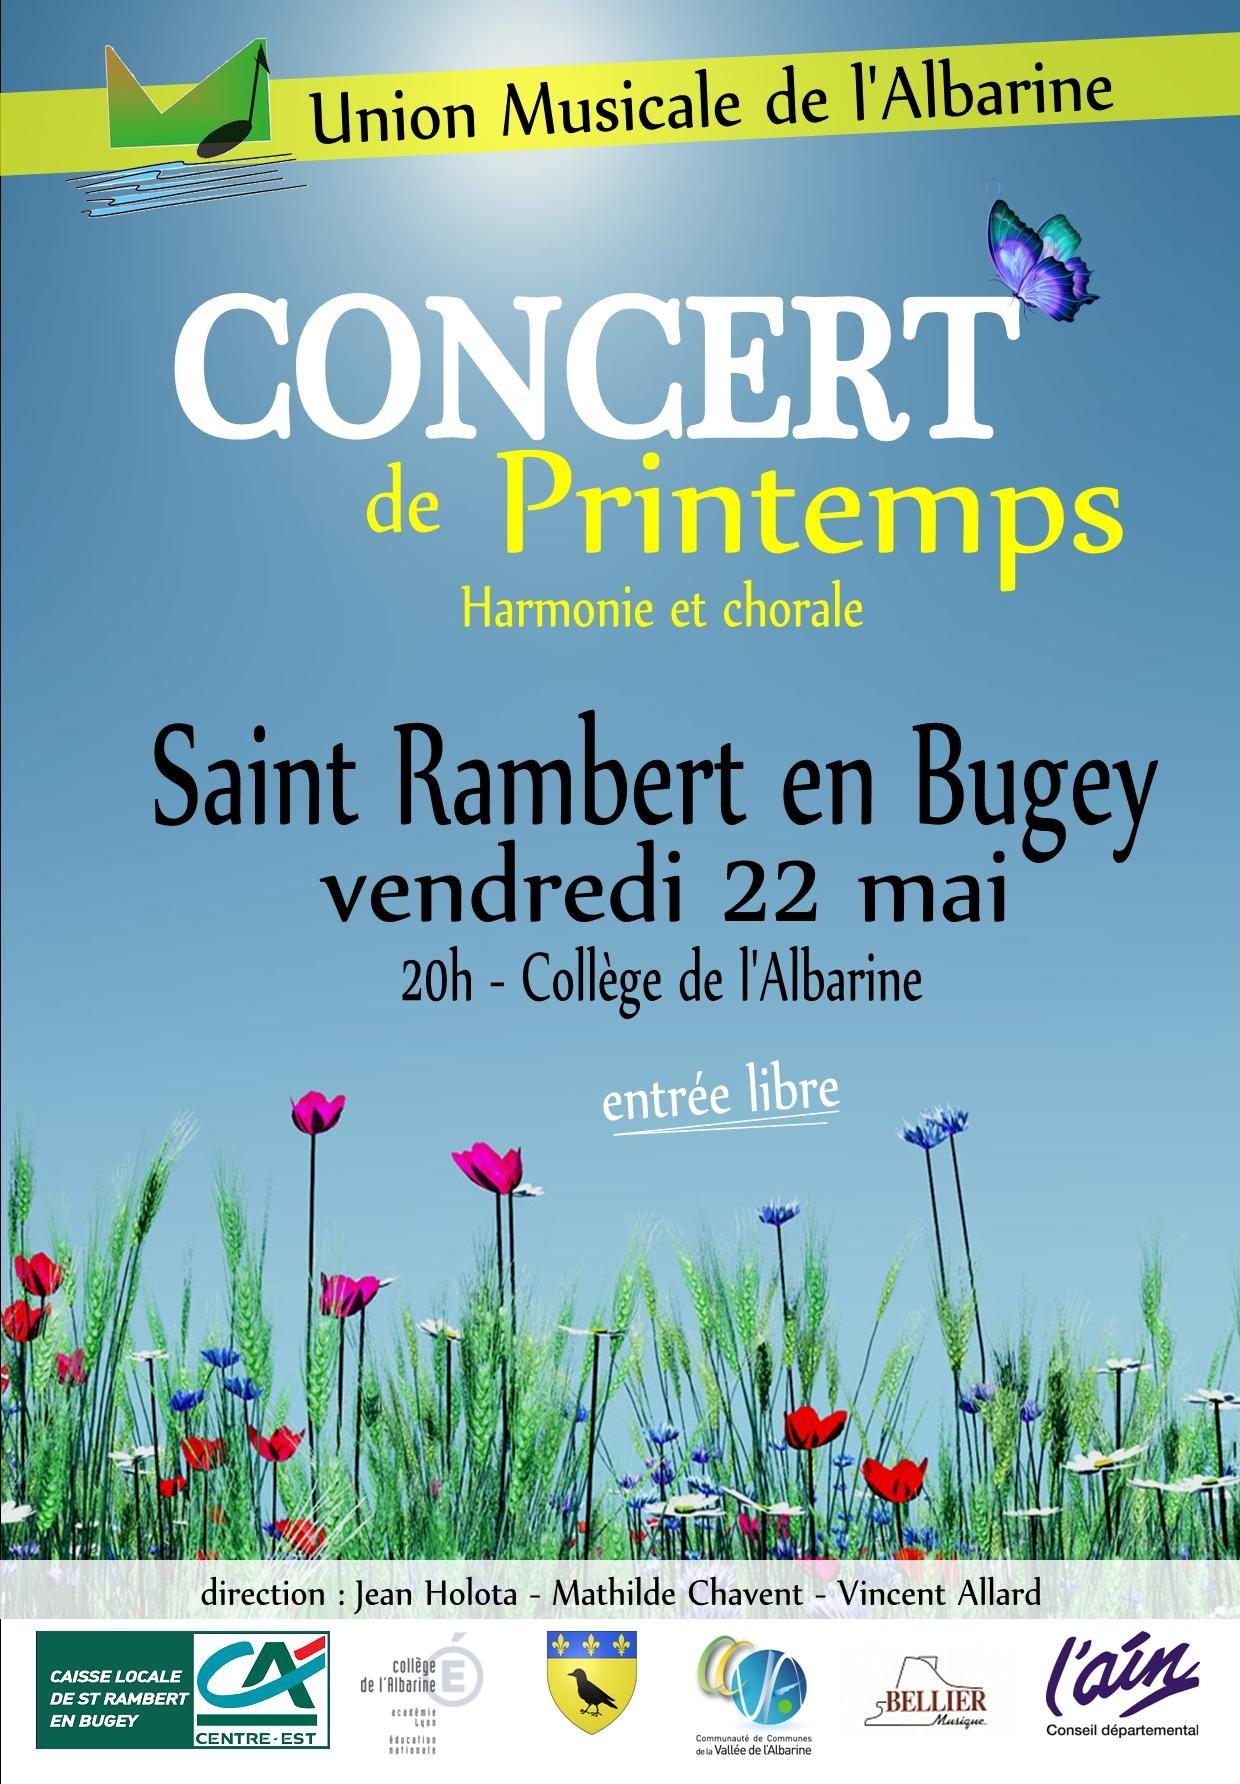 Affiche concert Union Musicale Albarine 22 mai